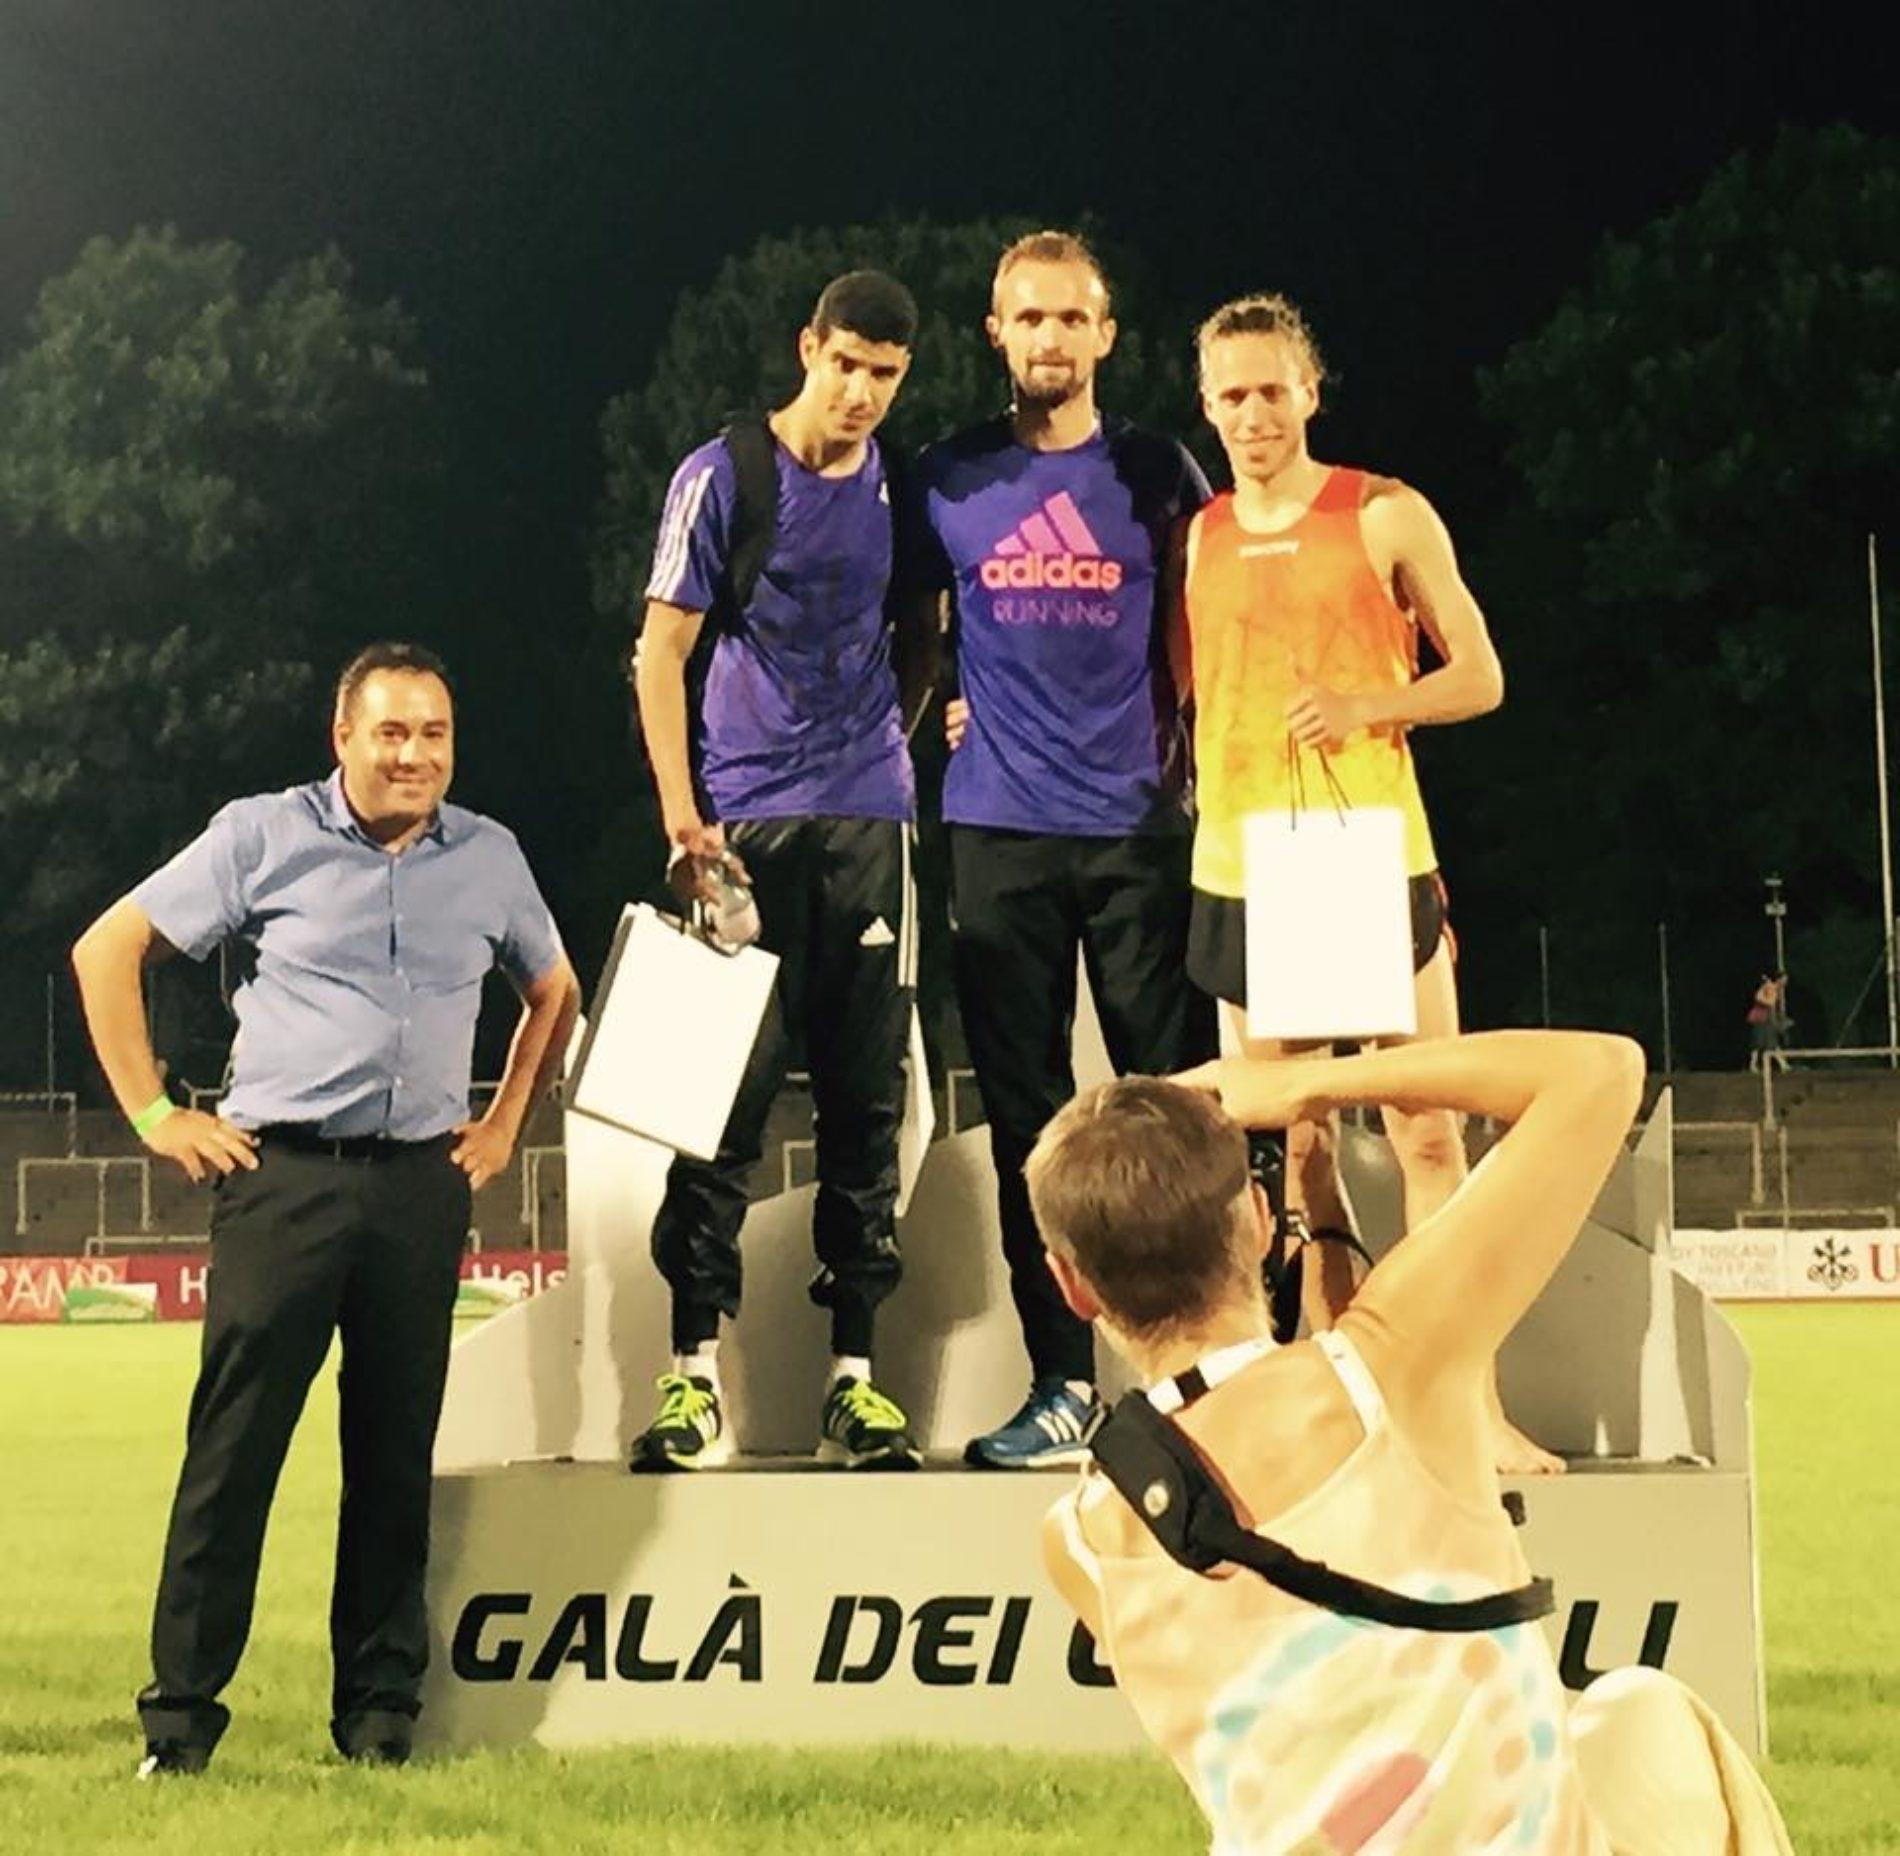 Amel Tuka pobijedio na Atletskom mitingu u Švicarskoj  – Prije utrke družio se sa bosanskim navijačima